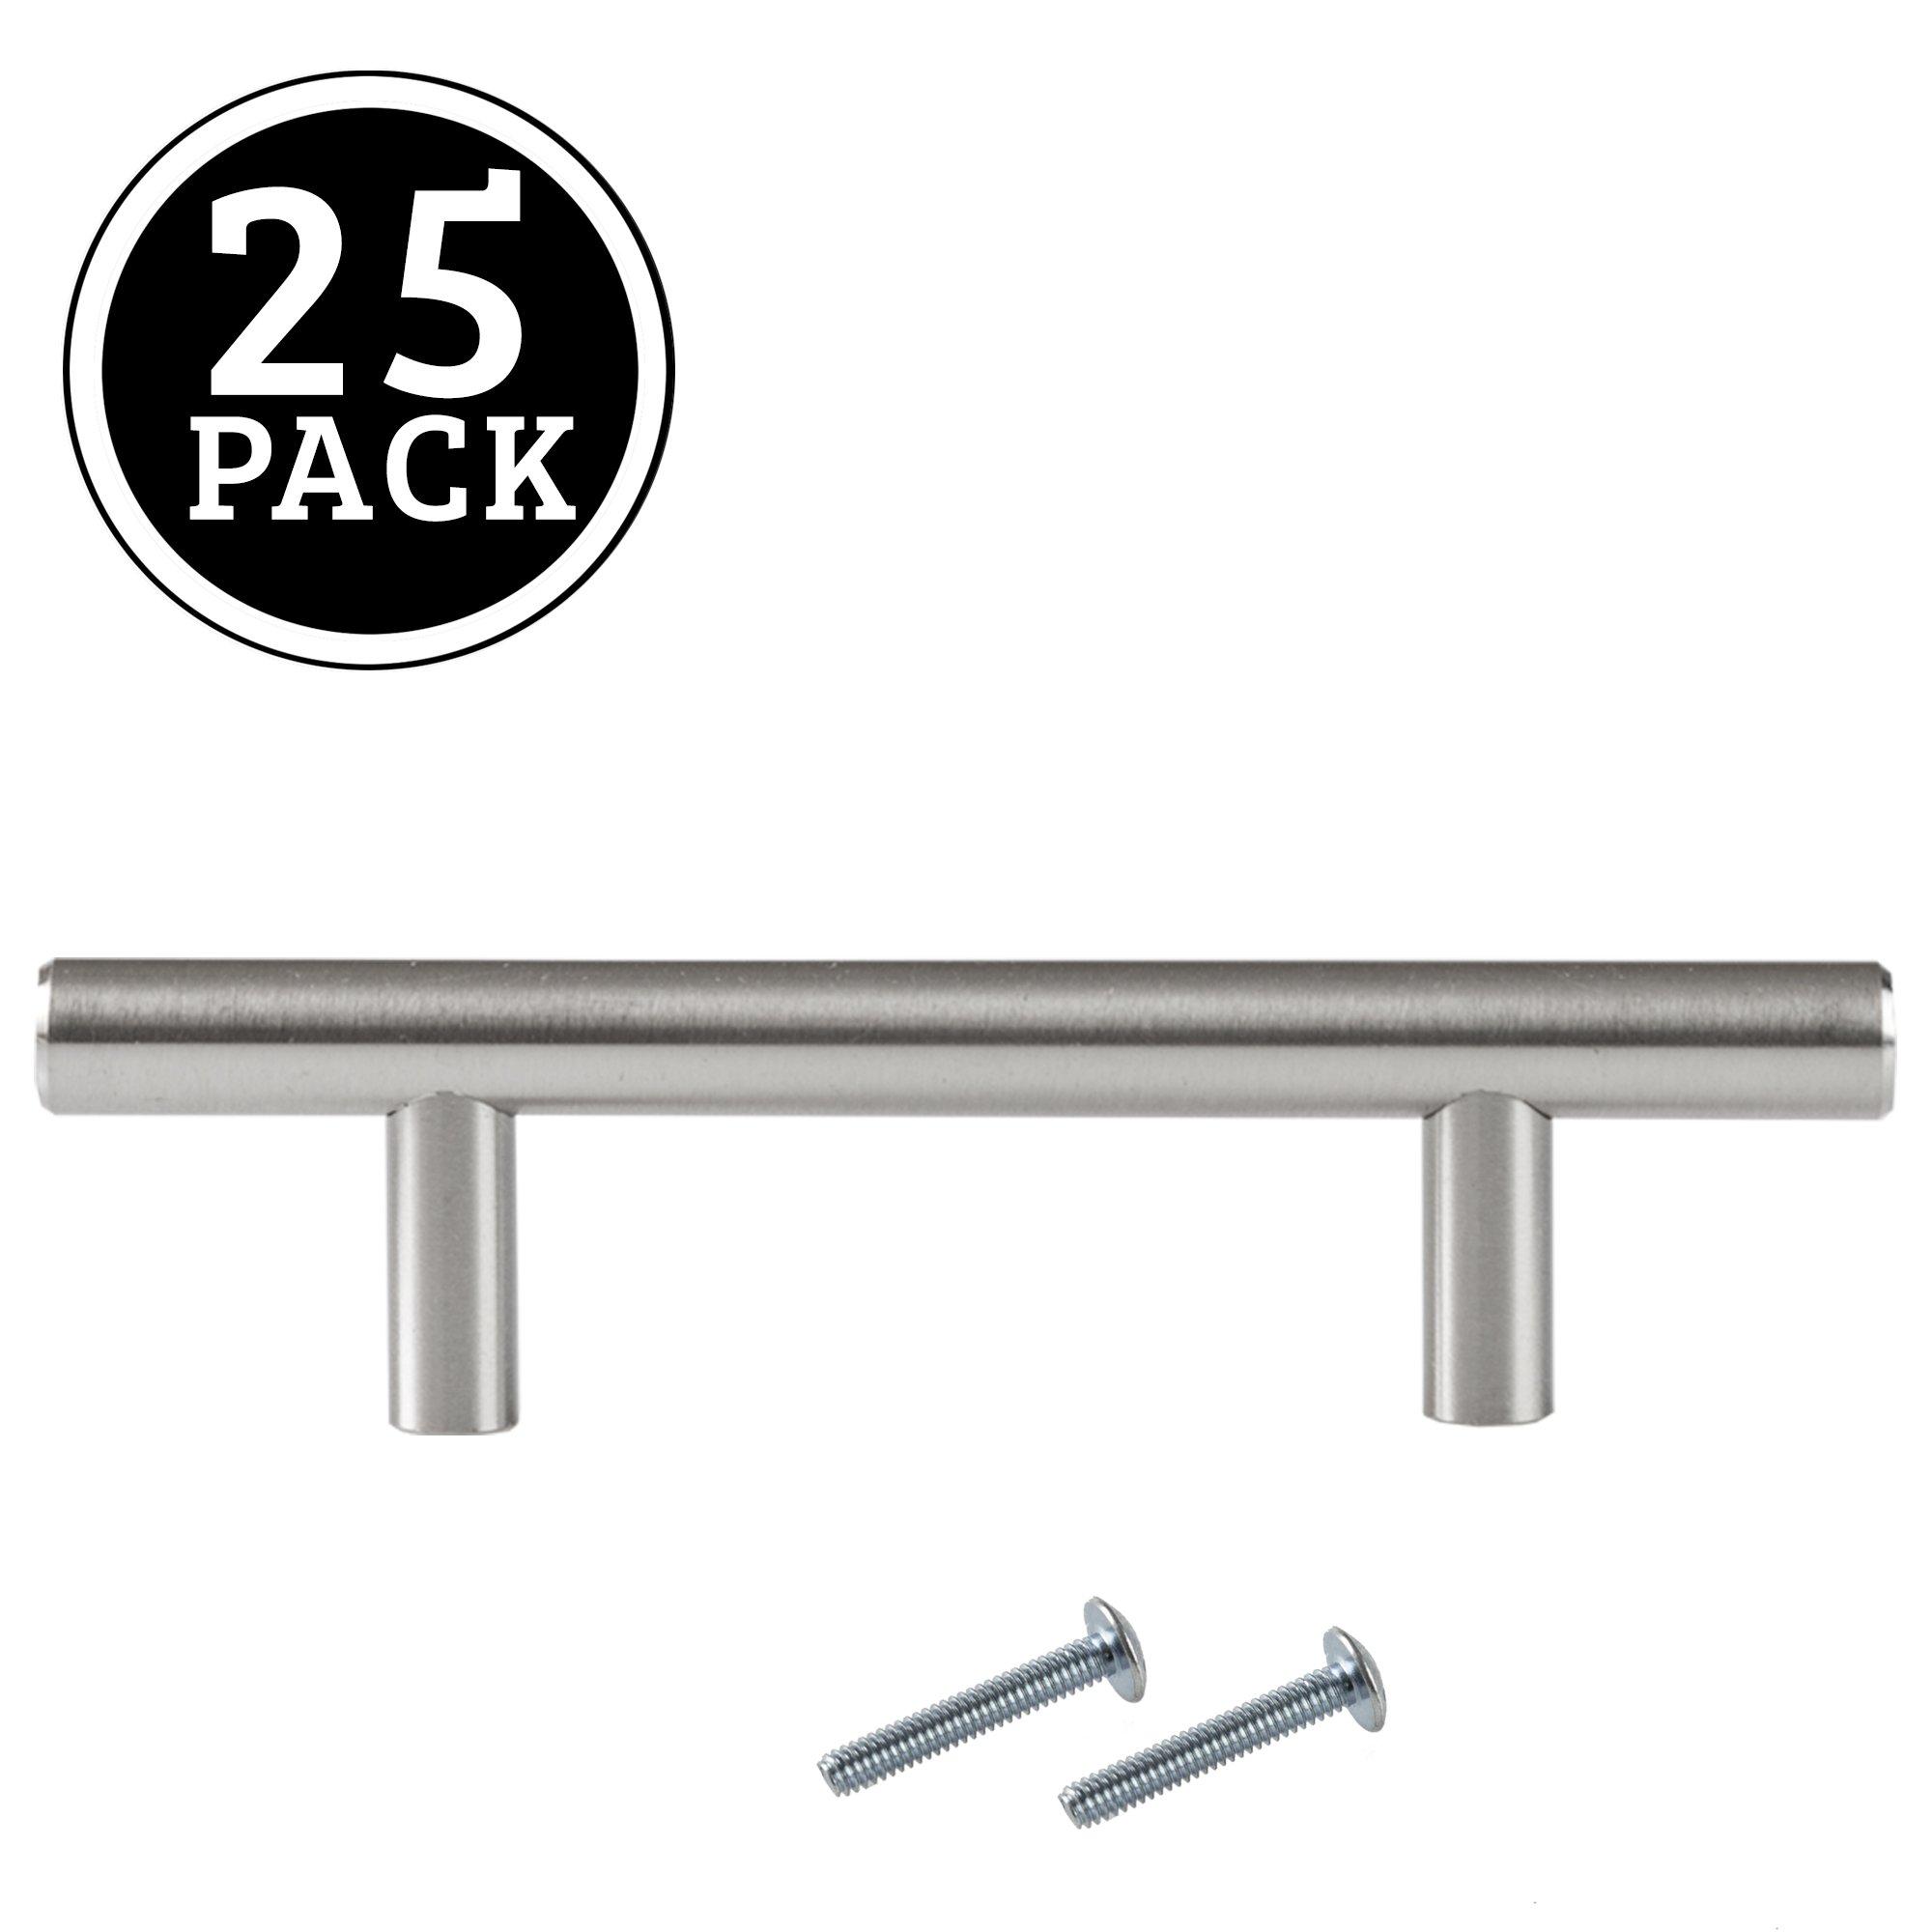 Satin Nickel Kitchen Cabinet Pulls - 3 Inch Bar - 25 Pack of Kitchen ...